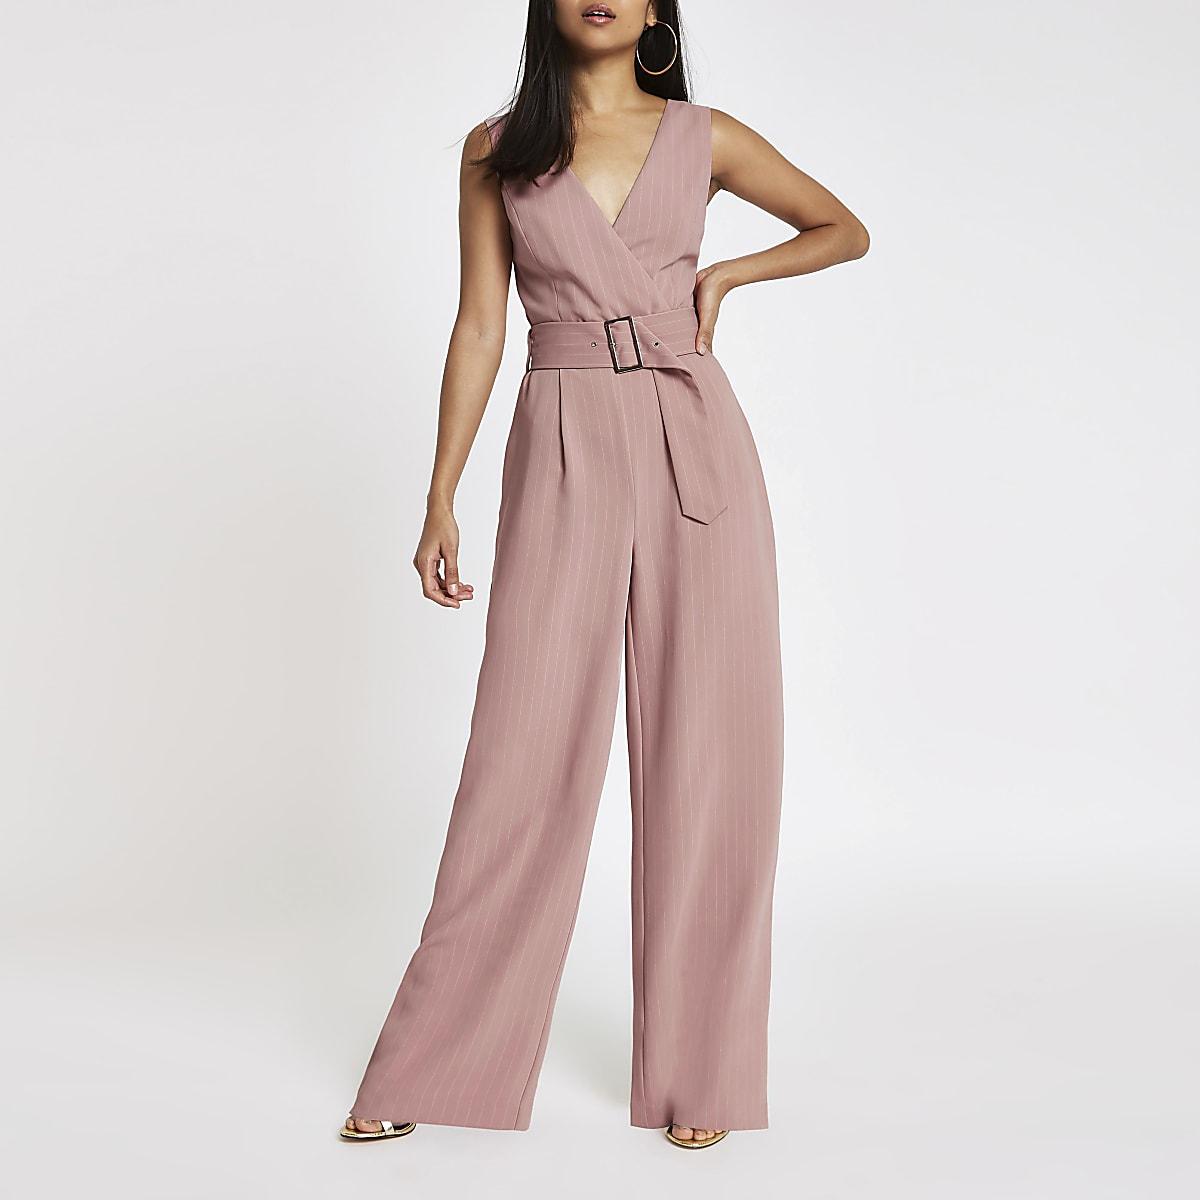 8cbf9a15cfe Petite pink belted wide leg jumpsuit - Jumpsuits - Playsuits   Jumpsuits -  women